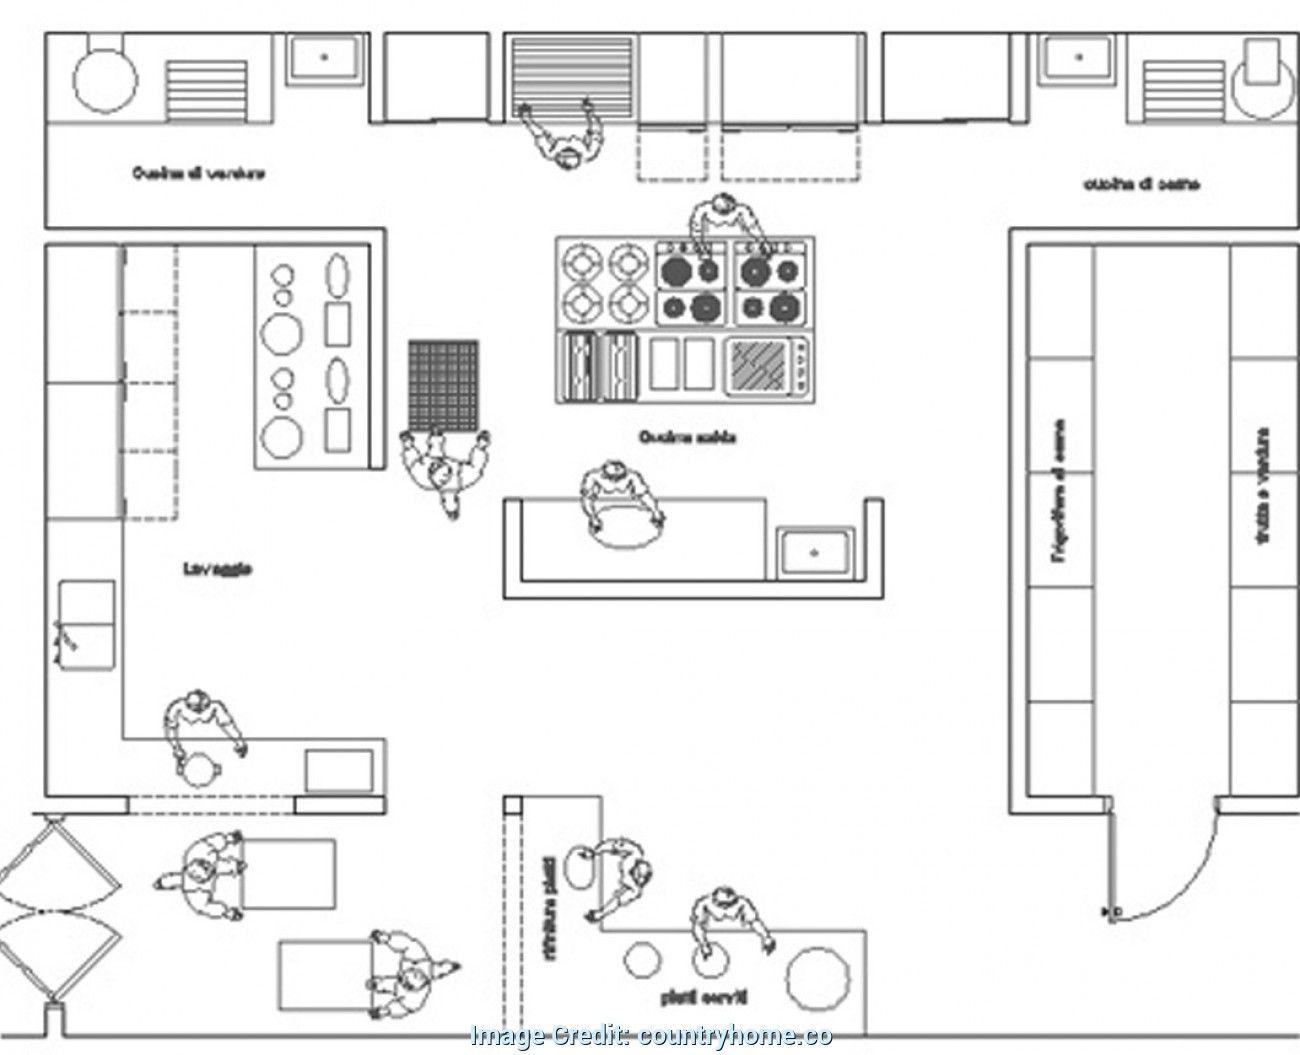 Cucina Ristorante Dwg Cucina Del Ristorante Design Per